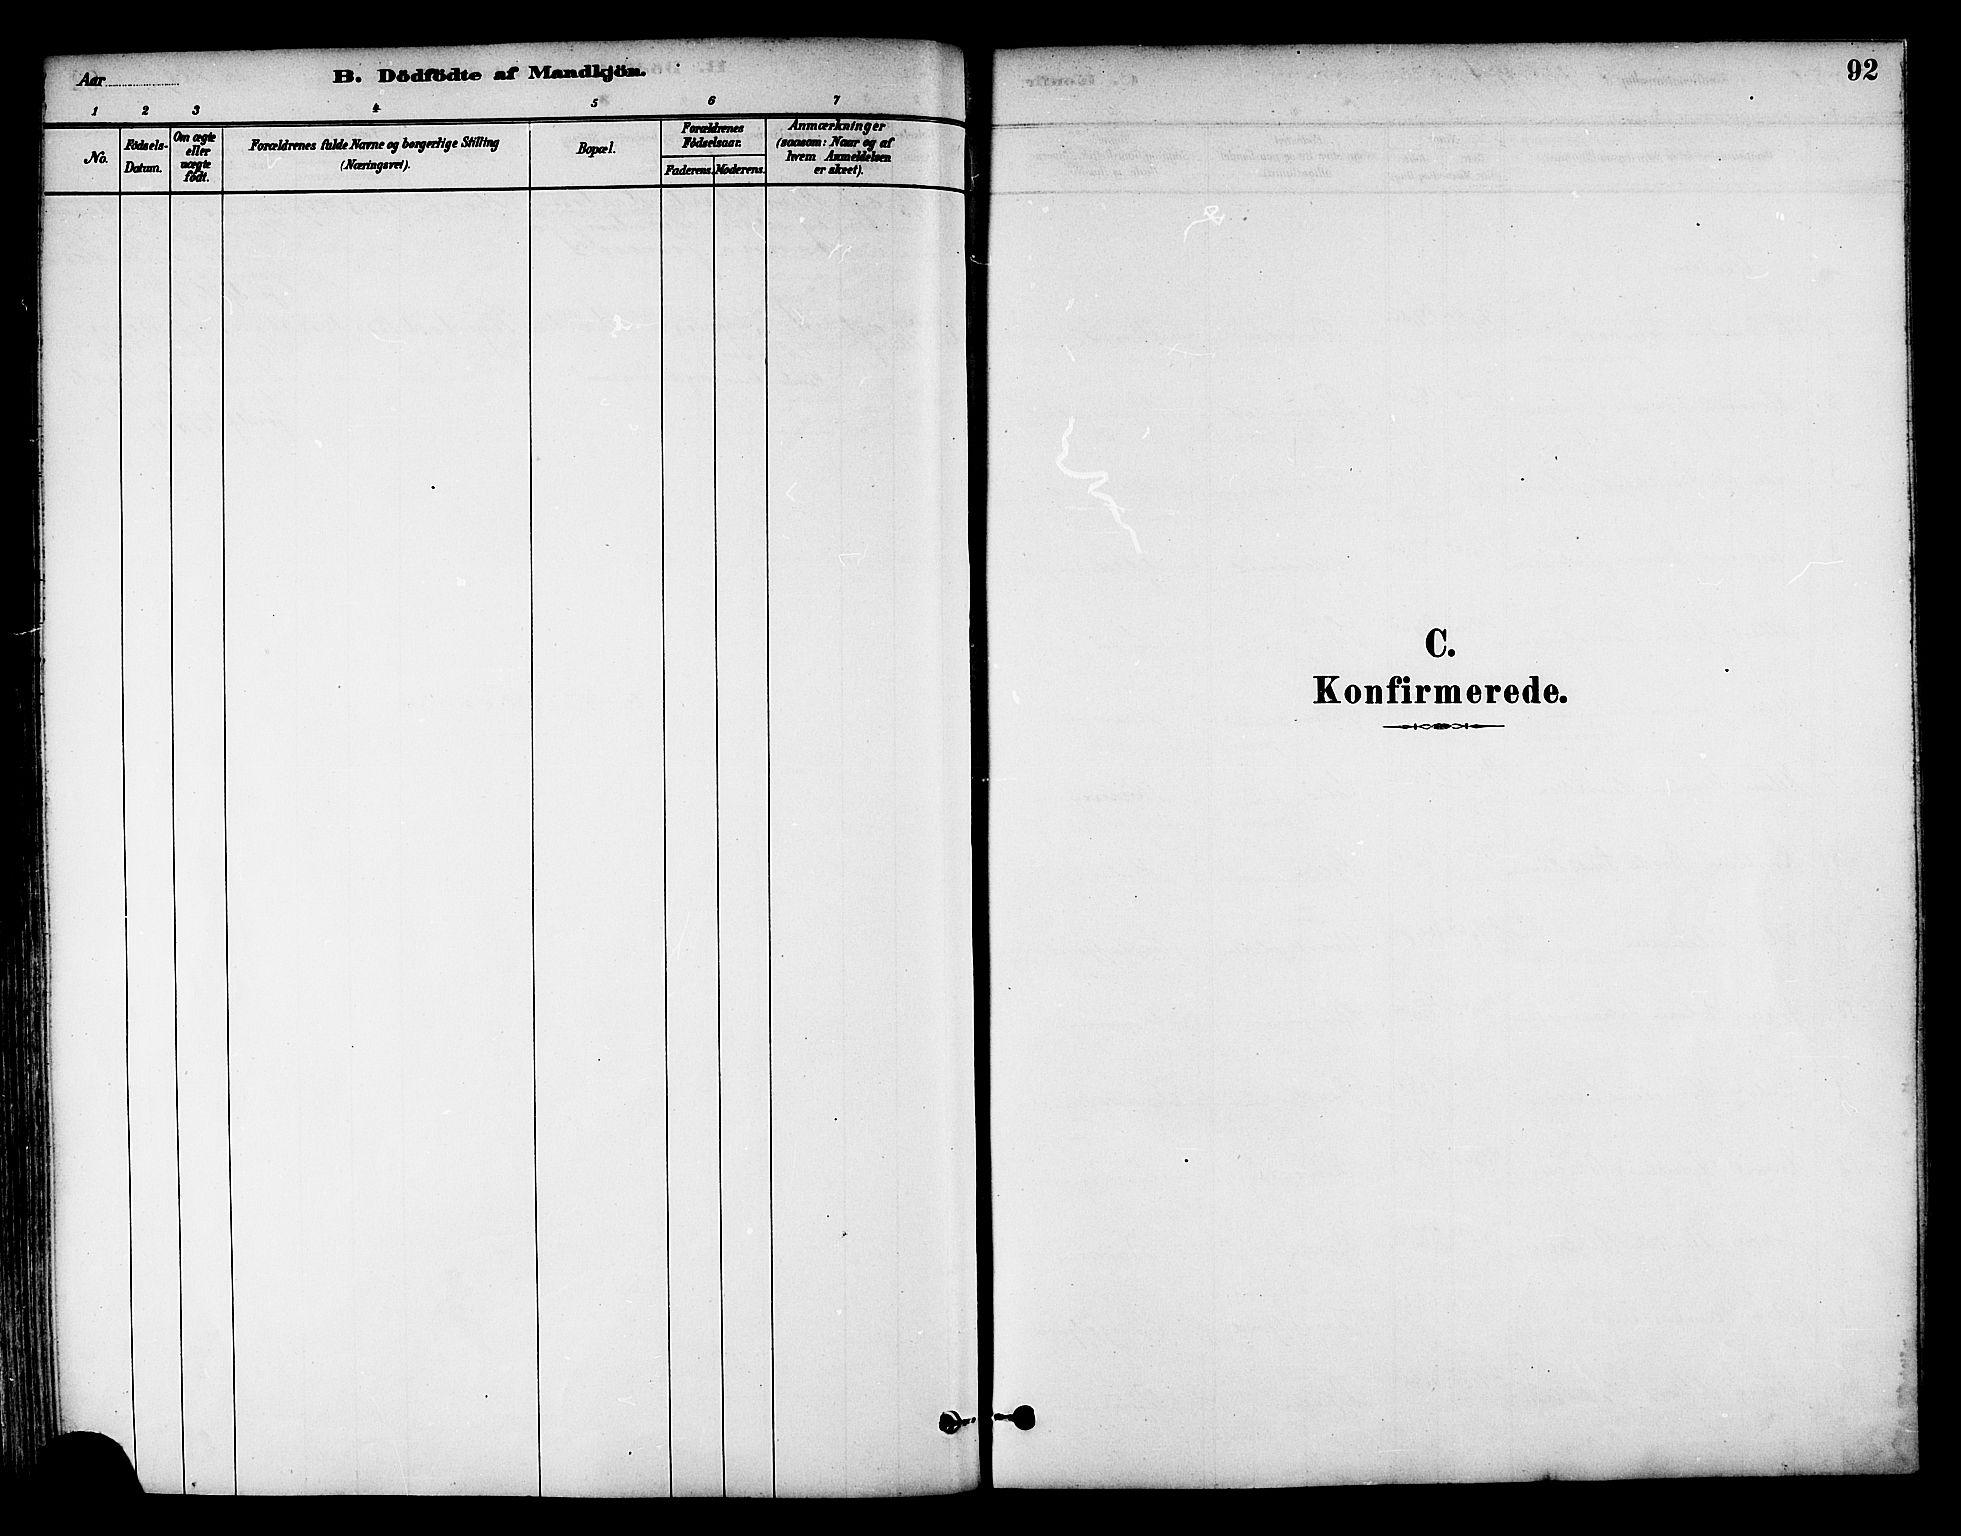 SAT, Ministerialprotokoller, klokkerbøker og fødselsregistre - Nord-Trøndelag, 786/L0686: Ministerialbok nr. 786A02, 1880-1887, s. 92